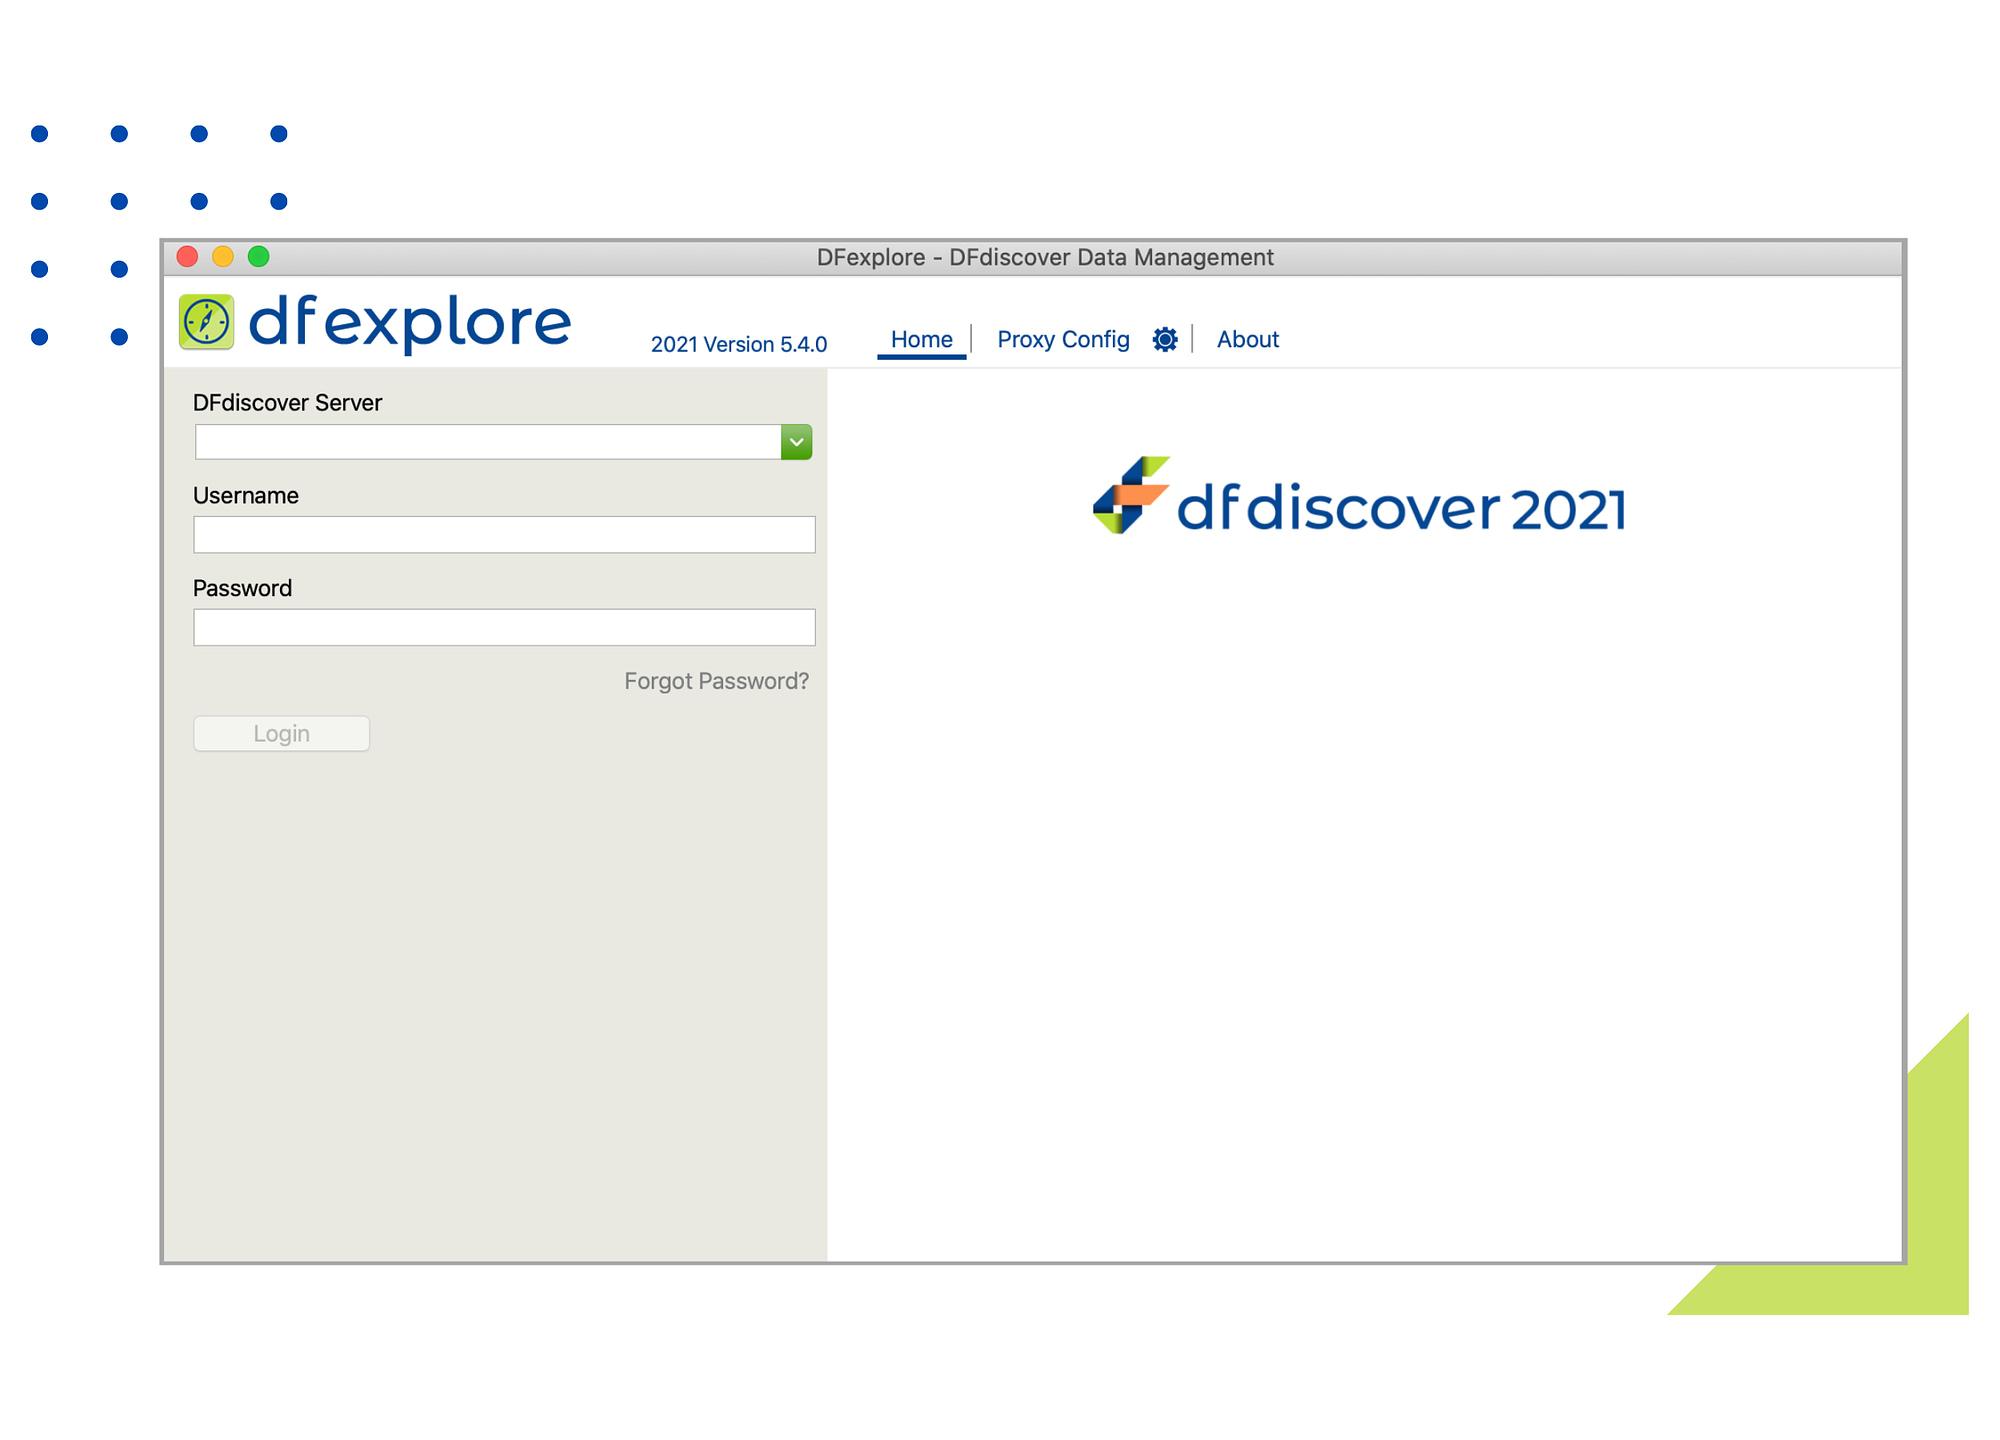 DFexplore website